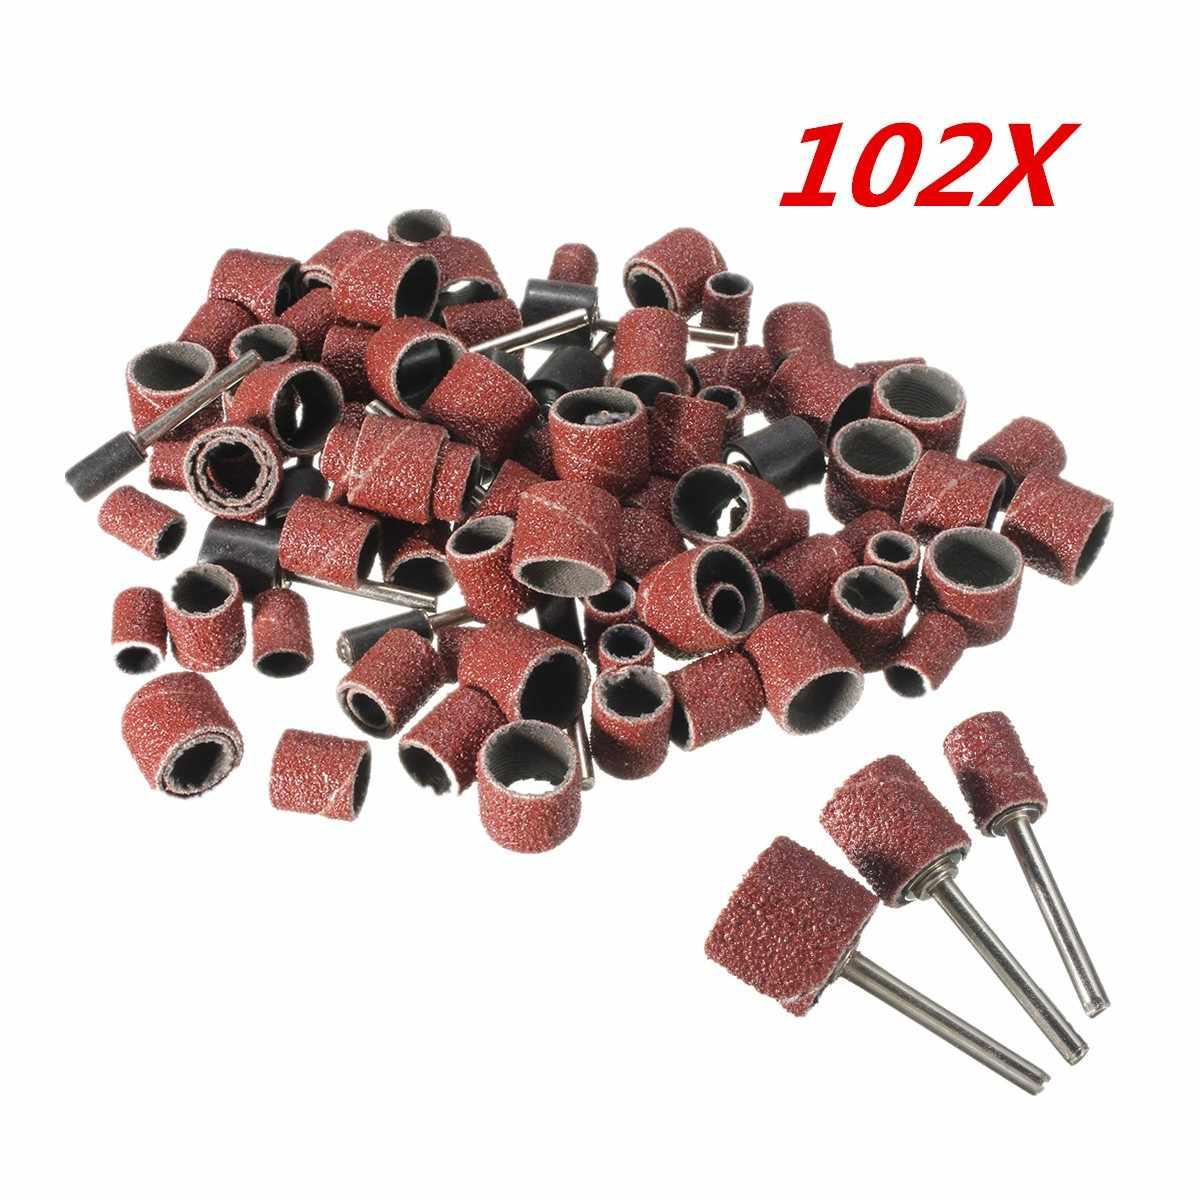 102 Uds. 120 juego de tambor de lija con 1/2 3/8 1/4 pulgadas de lija para herramientas giratorias dremel